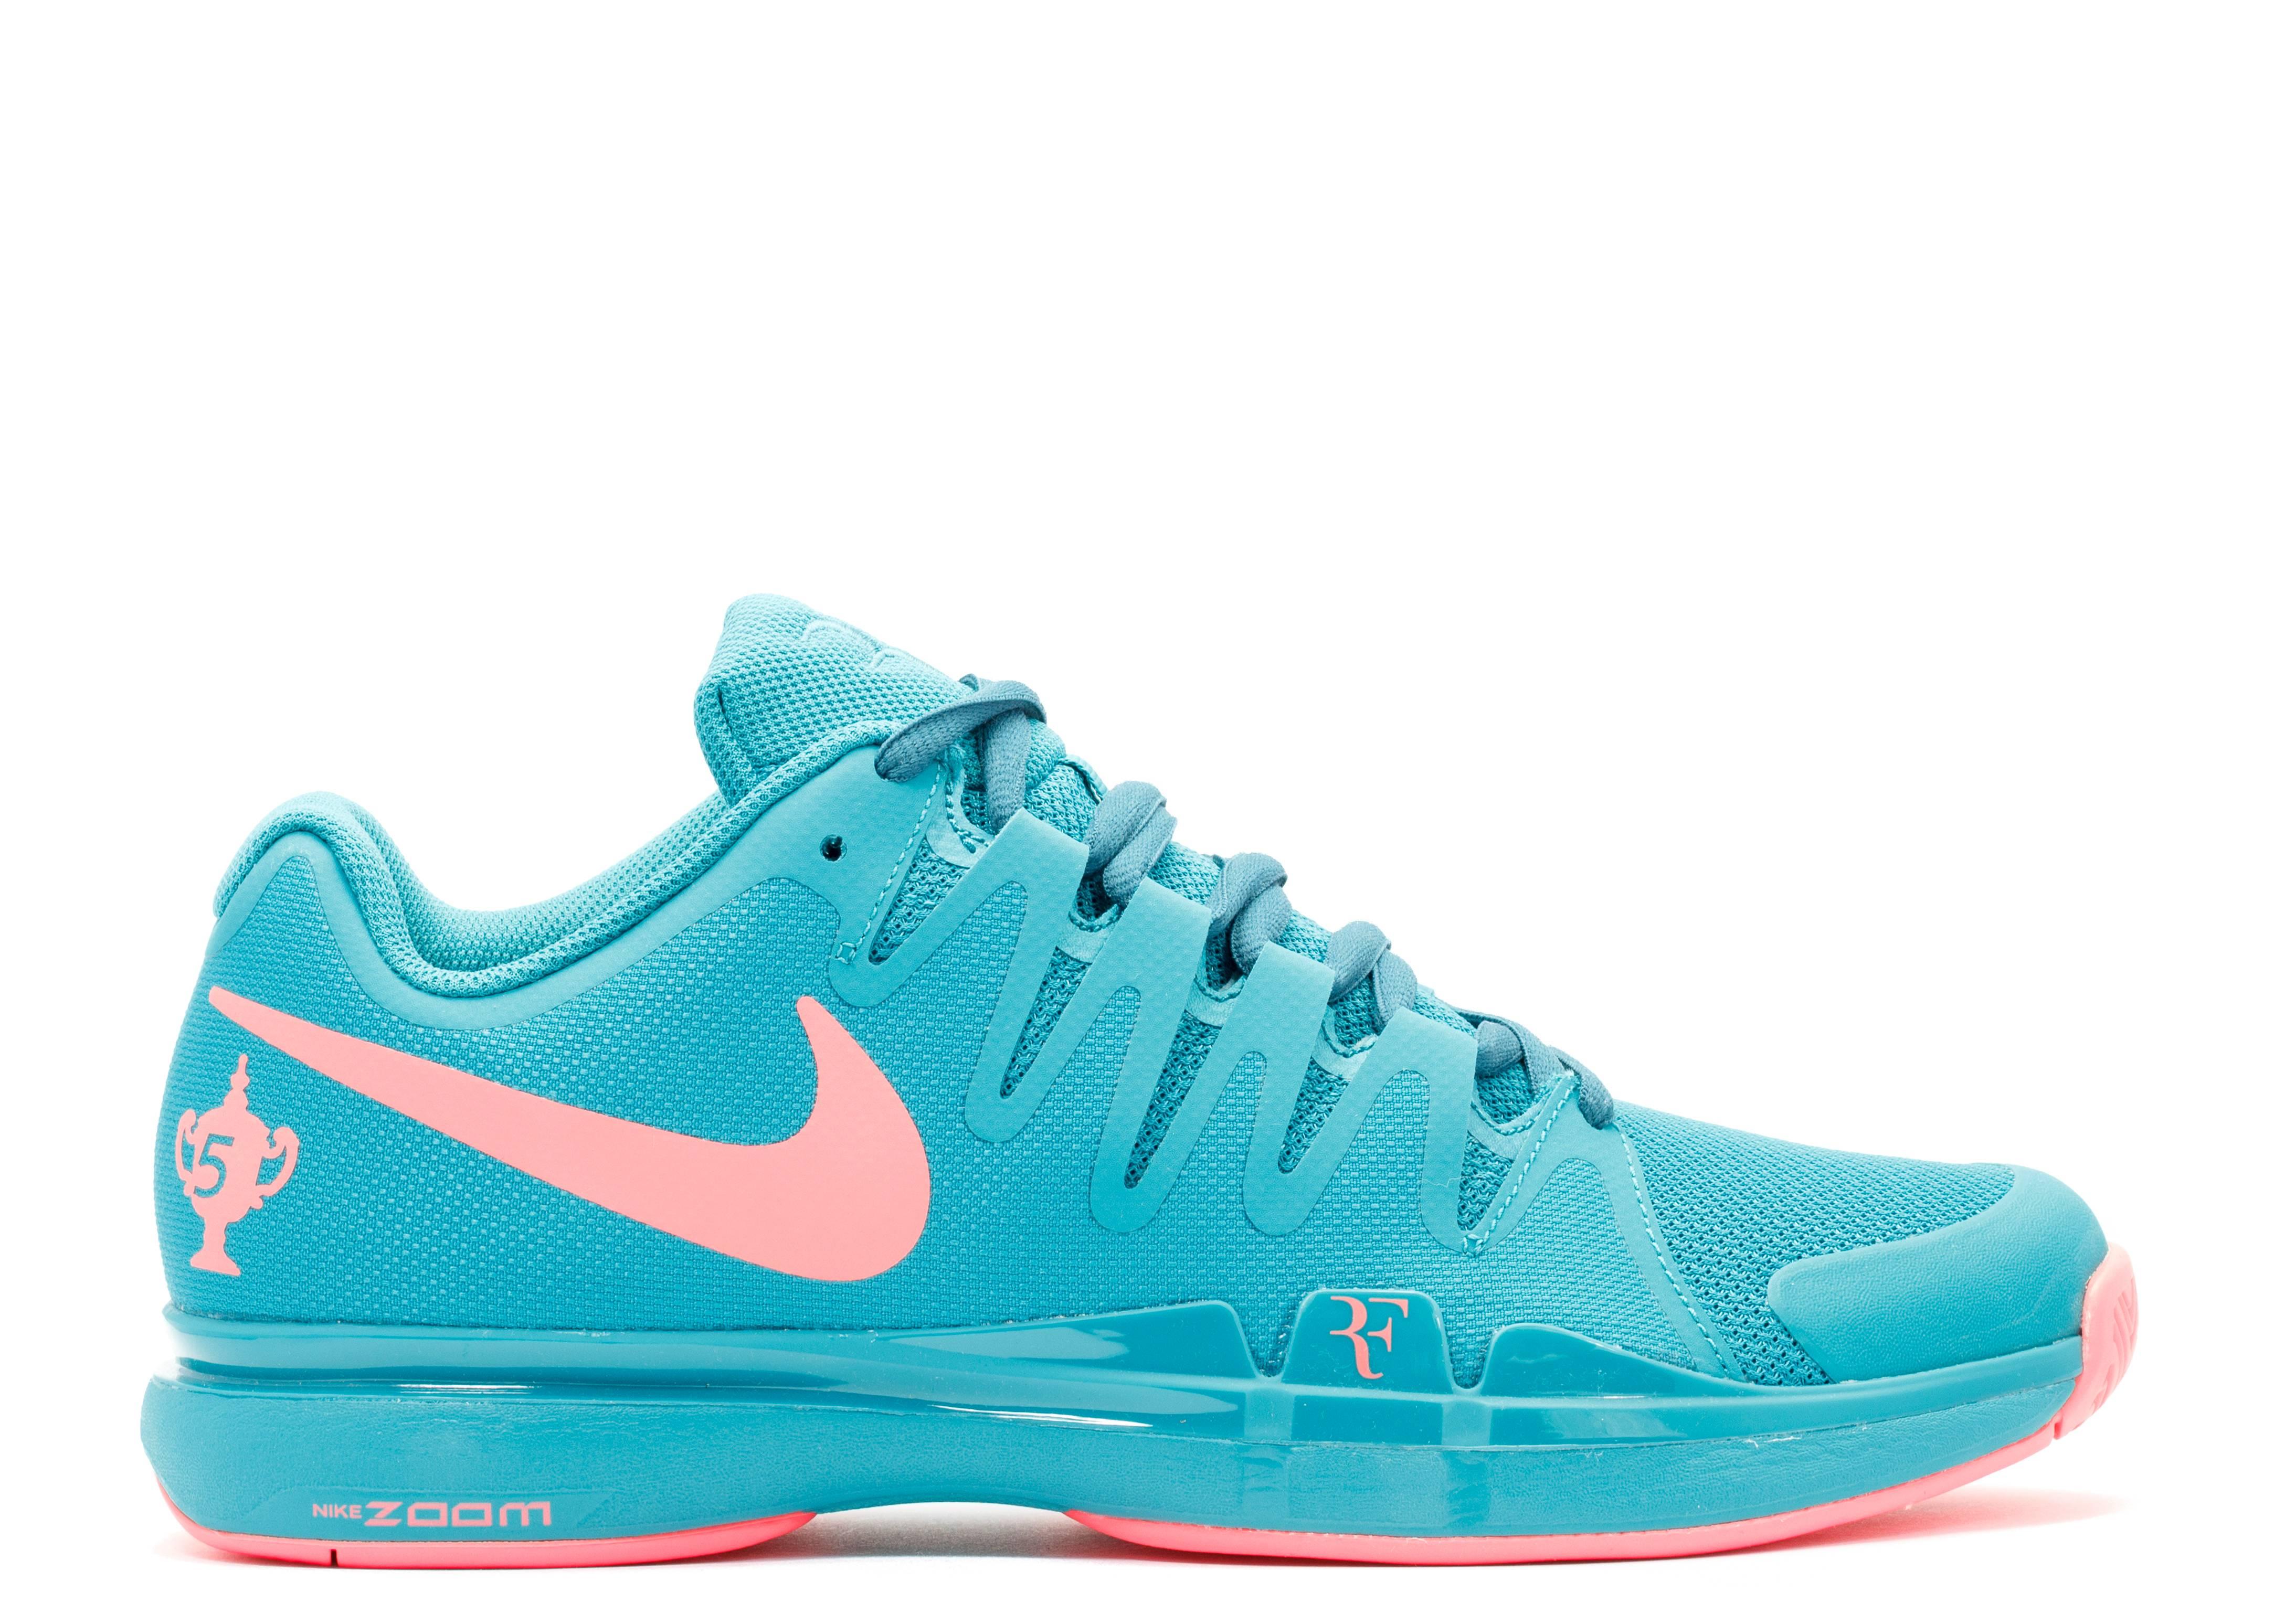 3428af5b5d8 Zoom Vapor 9.5 Tour Lg - Nike - 813025 300 - radiant emerald hot ...